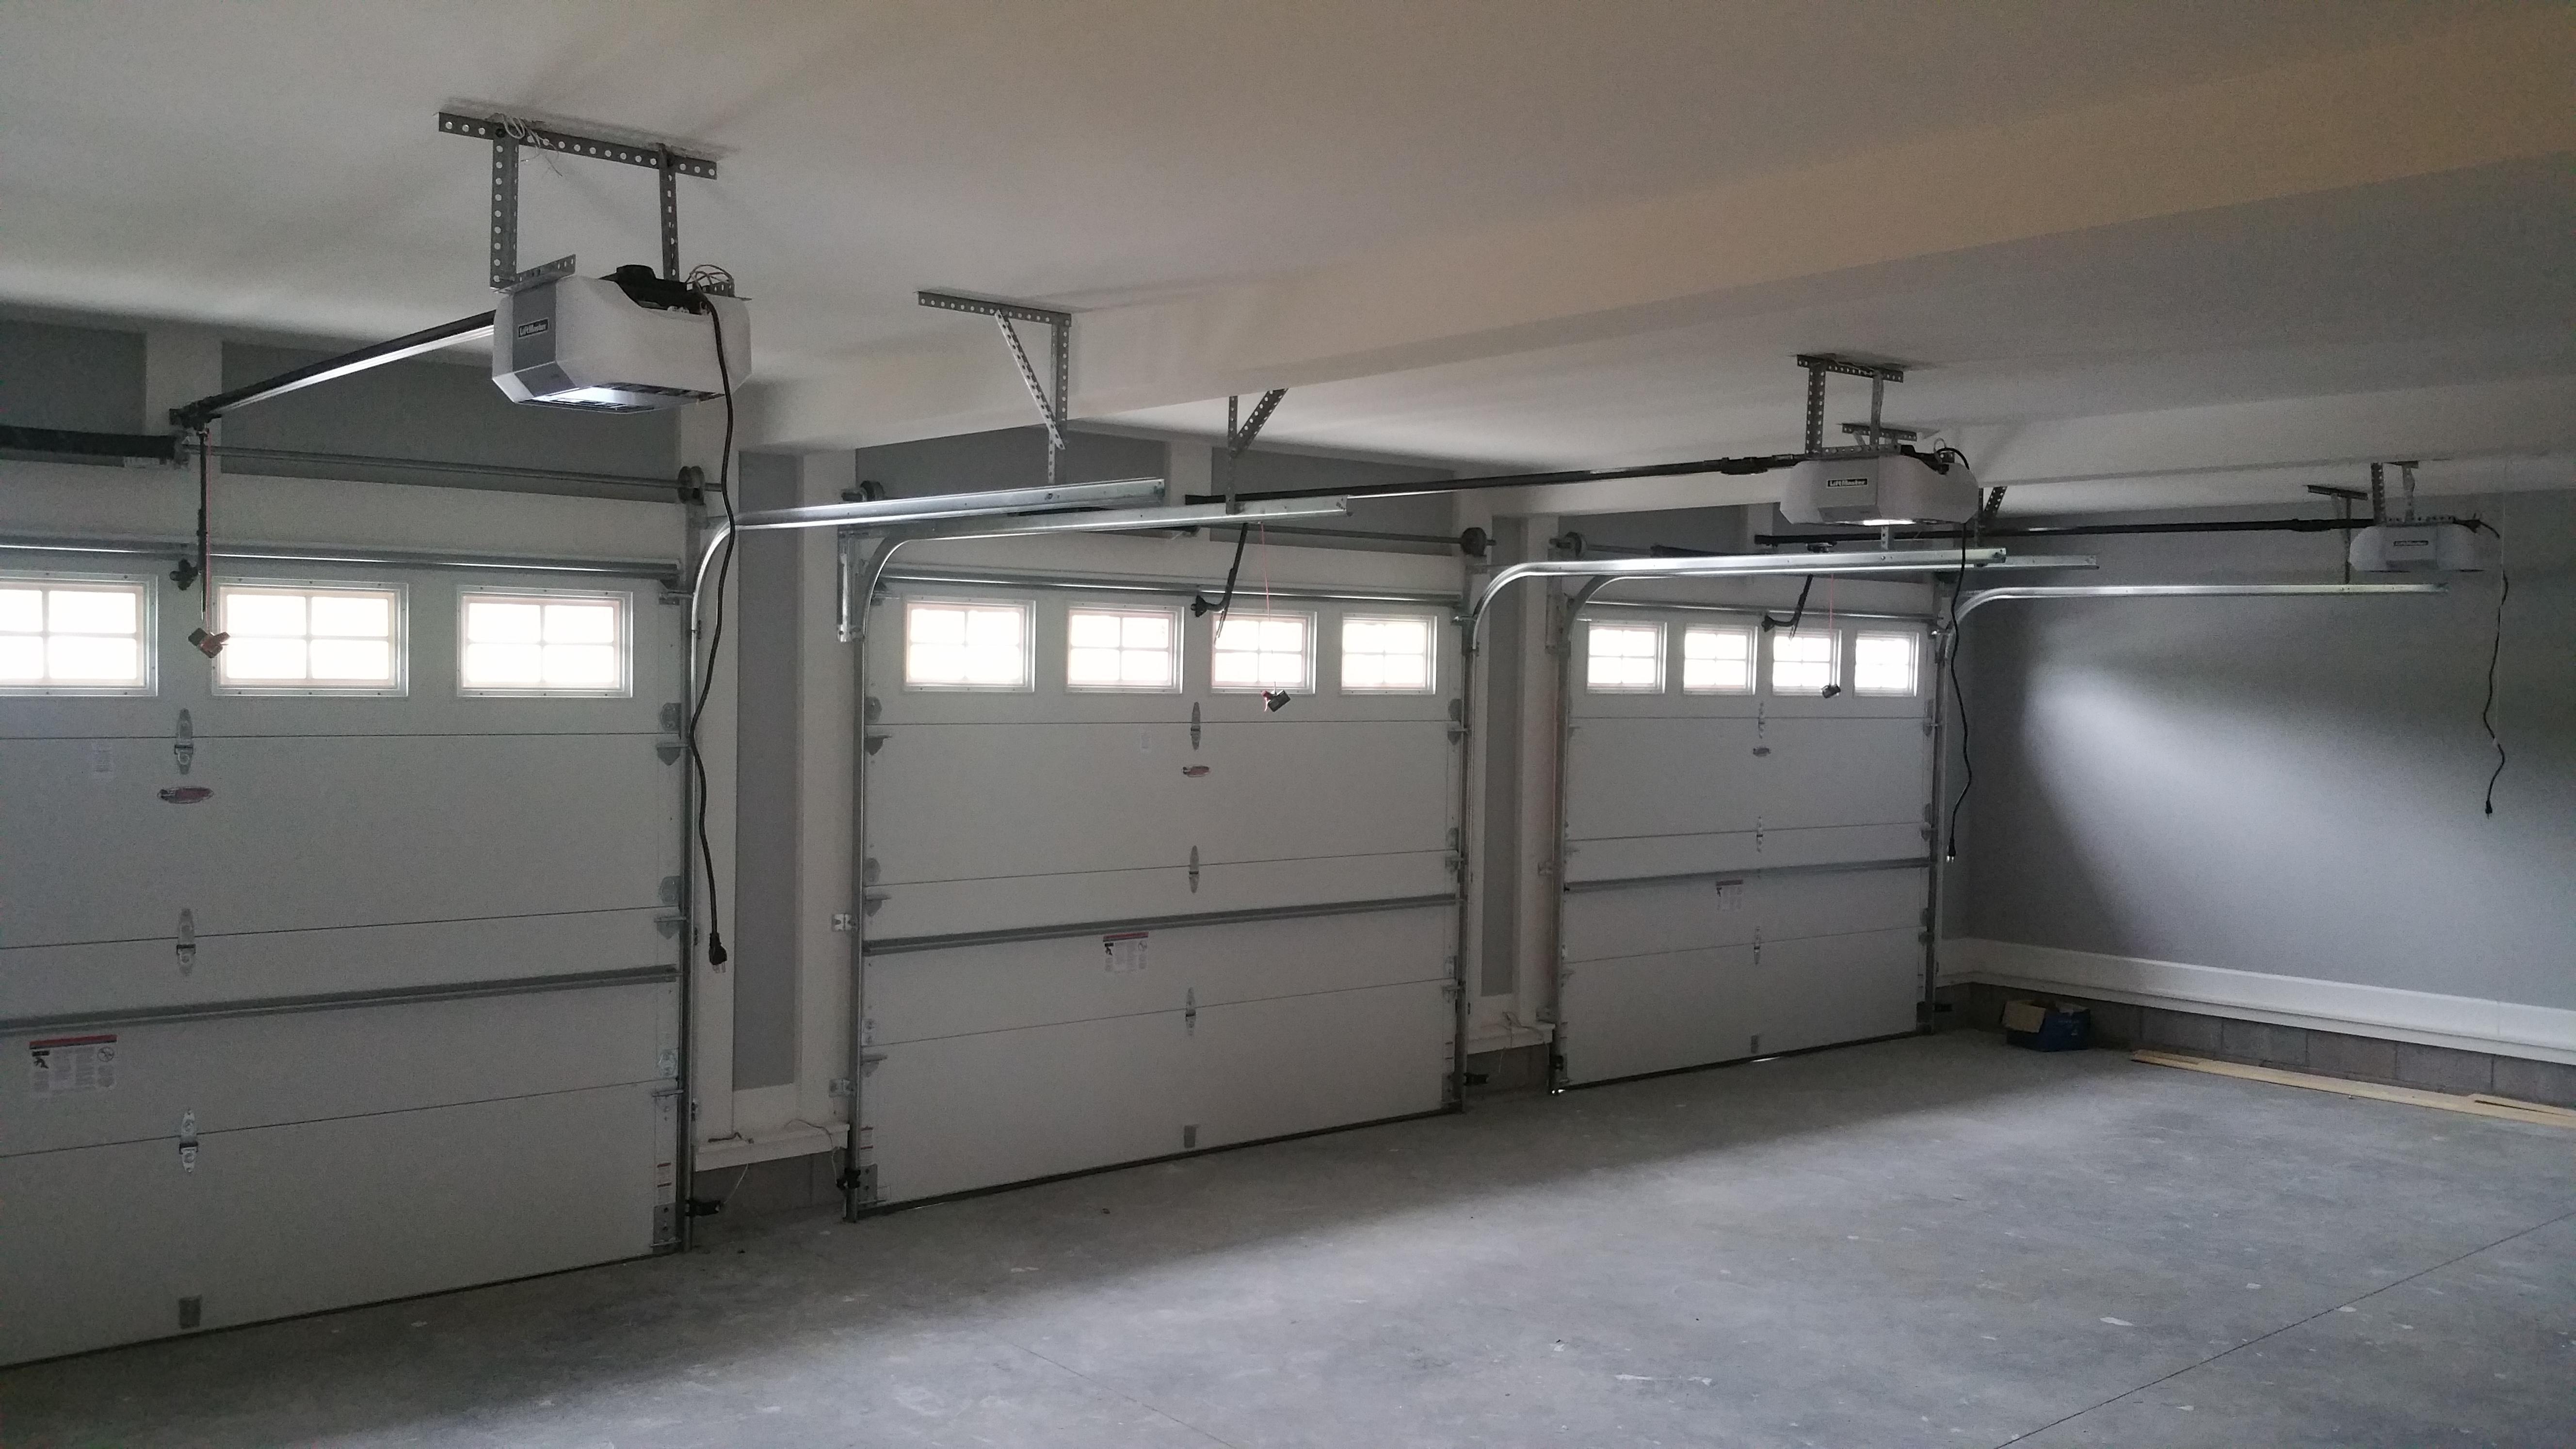 28 Overhead Garage Door Reviews Norman S Overhead Doors 17